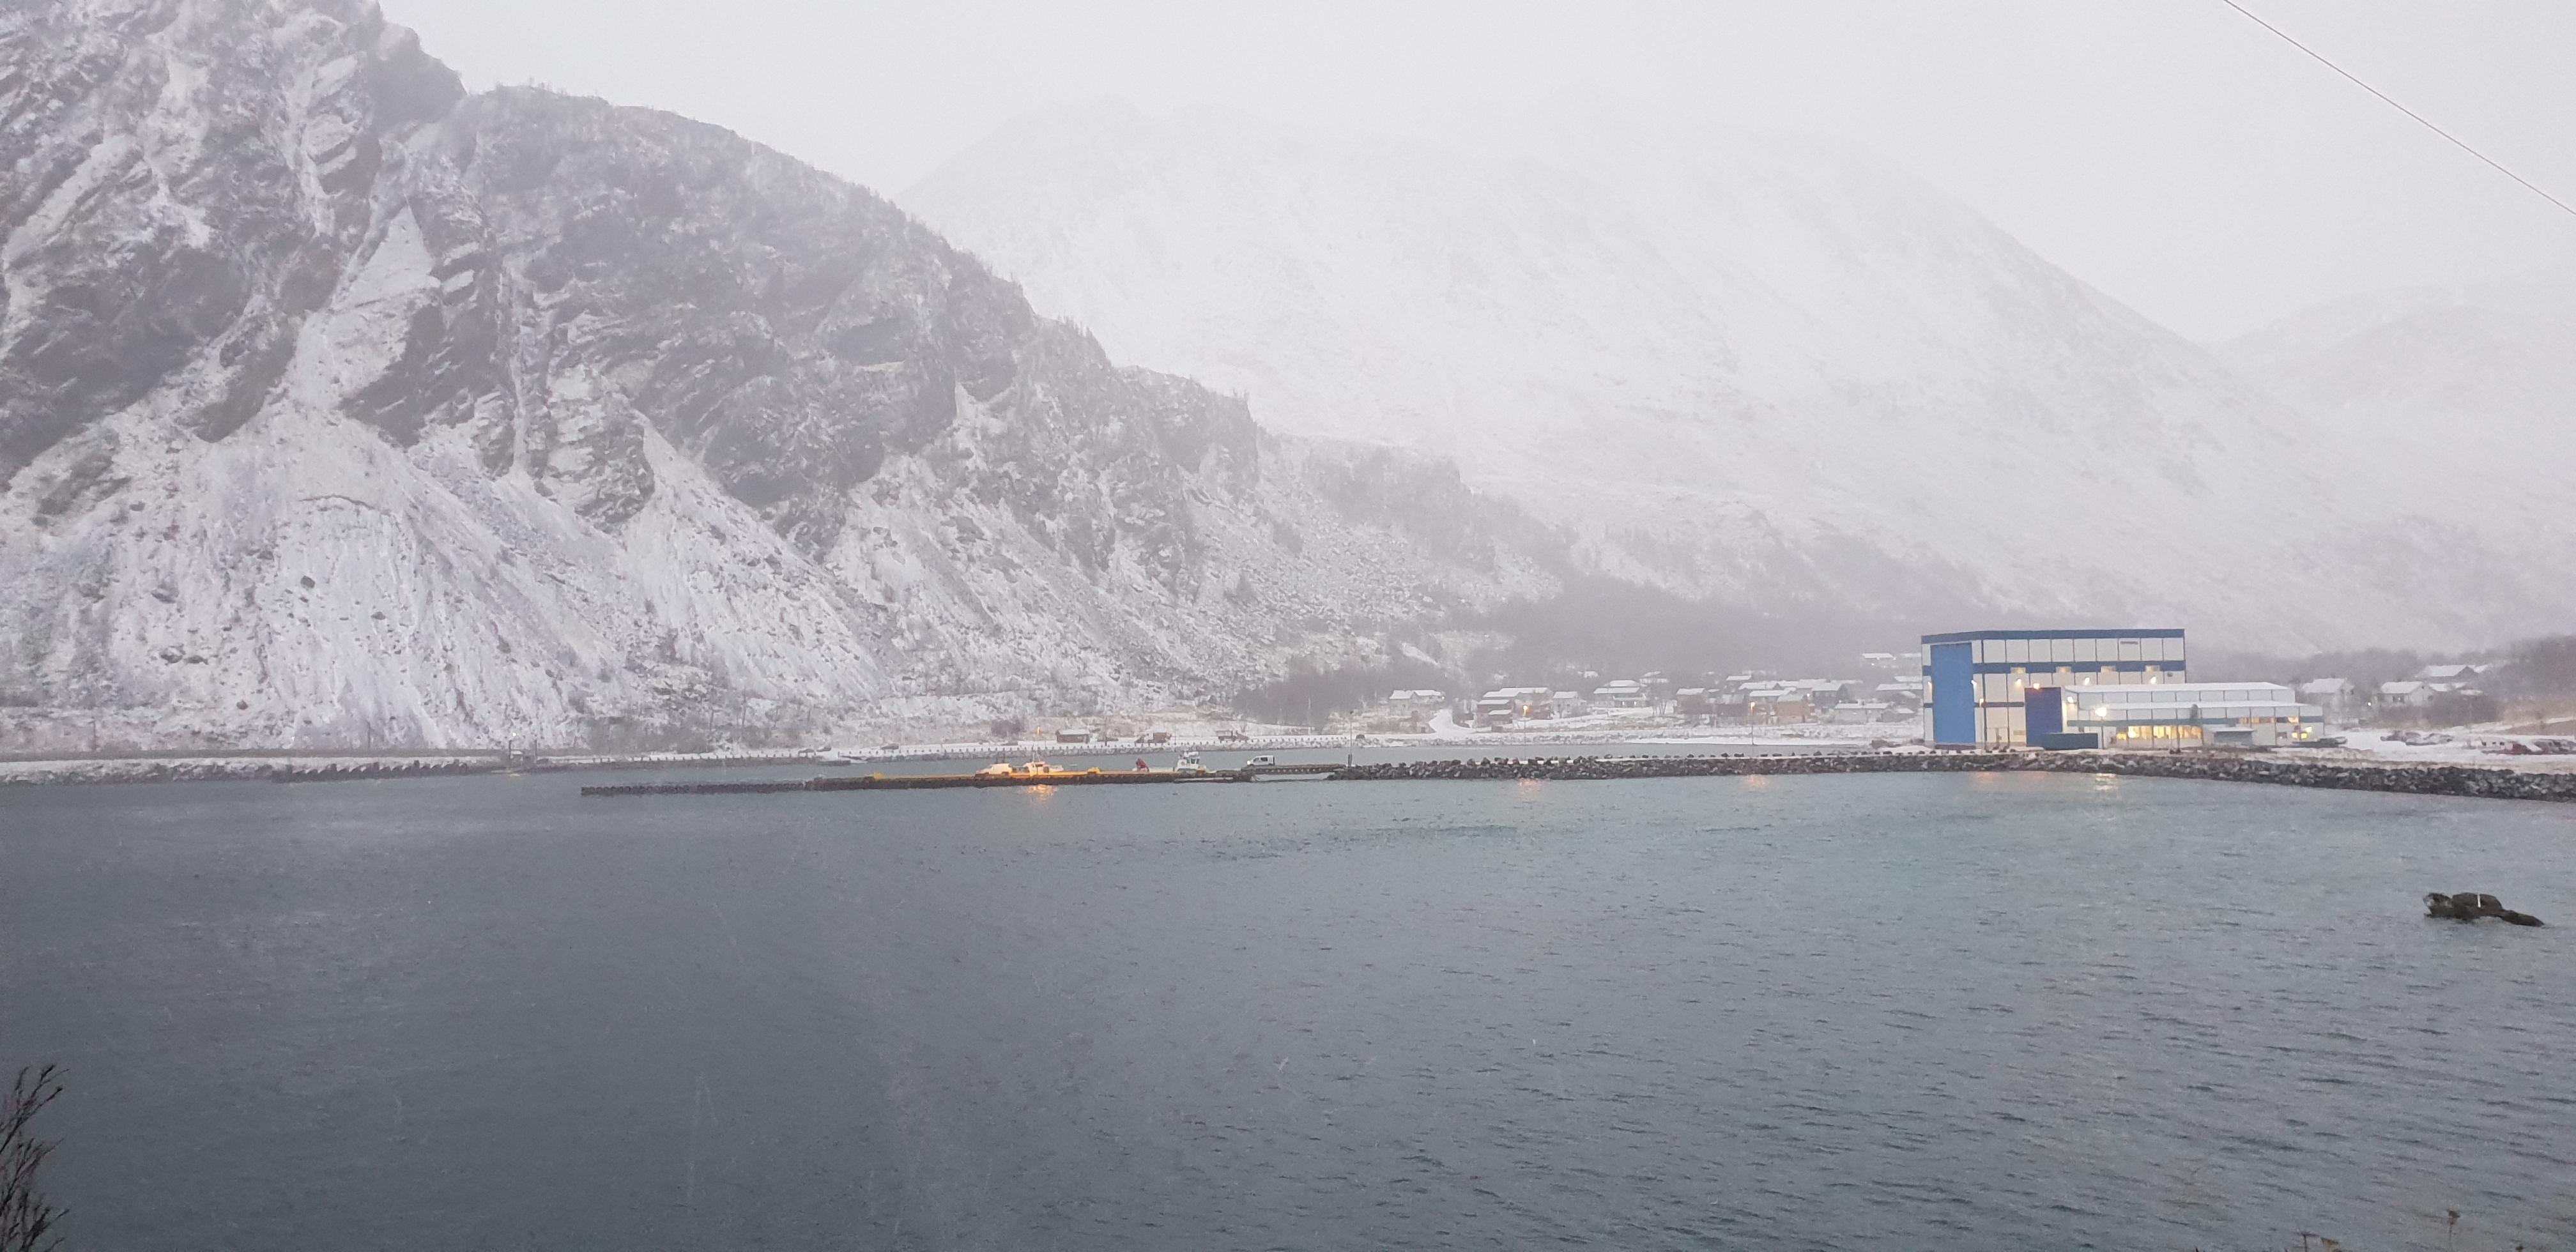 https://www.marinasolutions.no/uploads/Loppa-kommune-russebrygge-kaianlegg-øksfjord-frydenbø.jpg